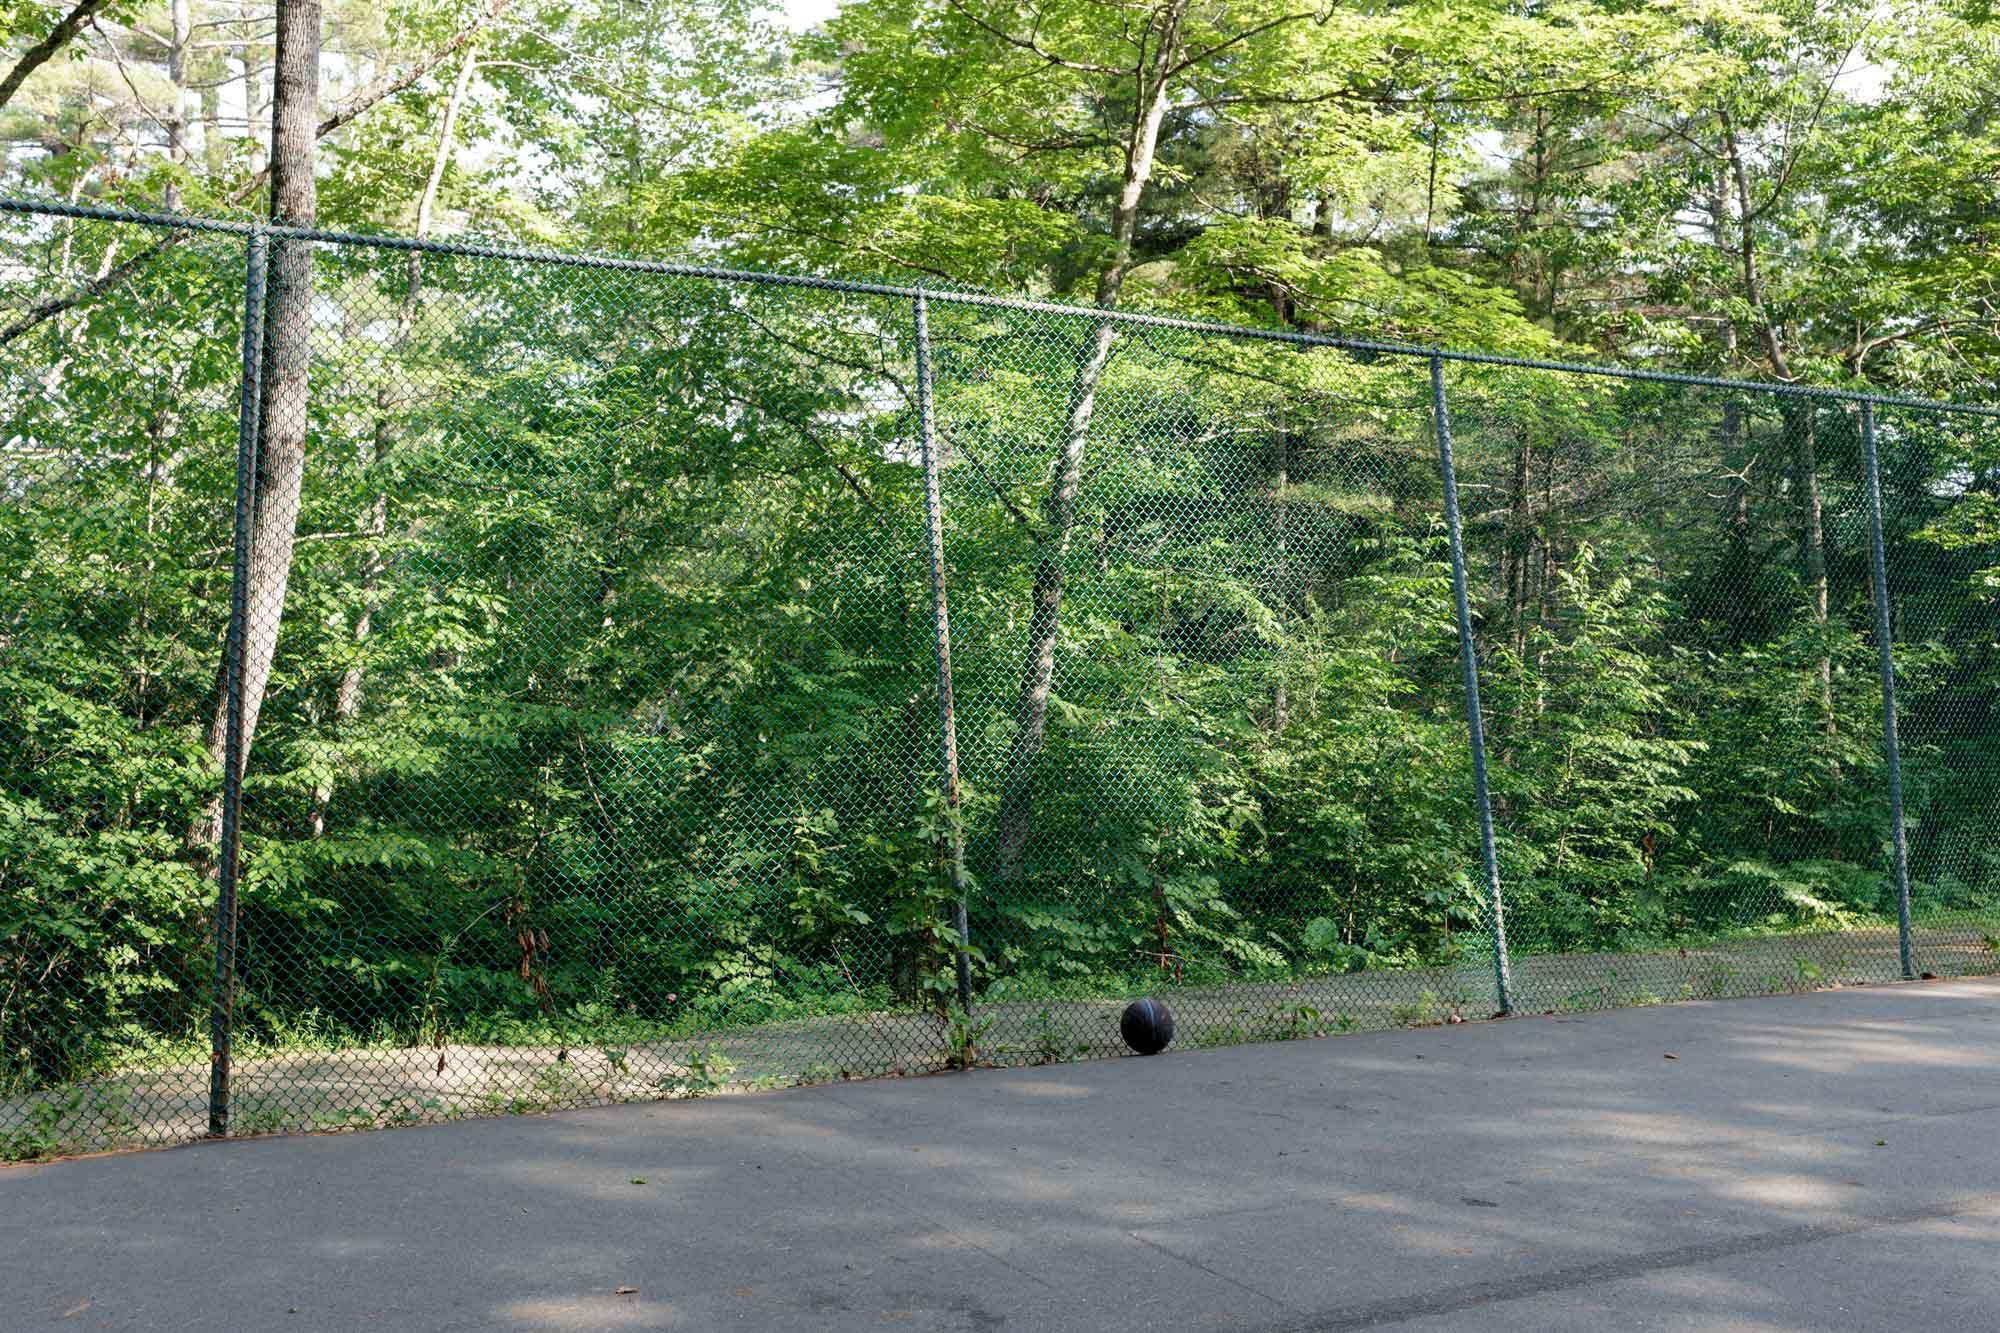 Basketball and Fence